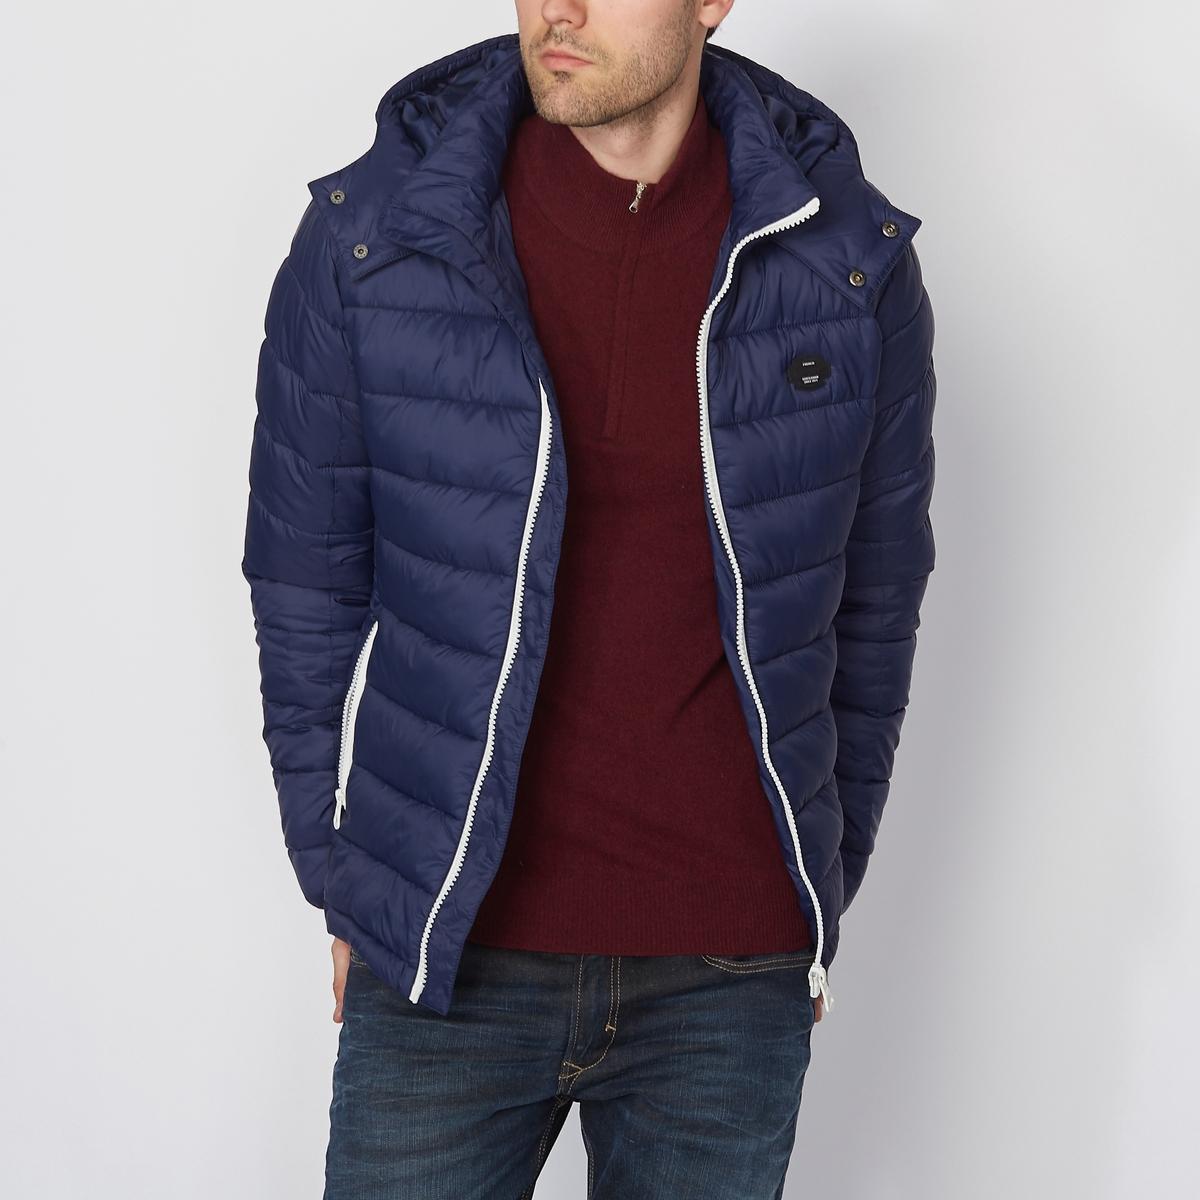 KAPORAL 5 Стеганая куртка с капюшоном